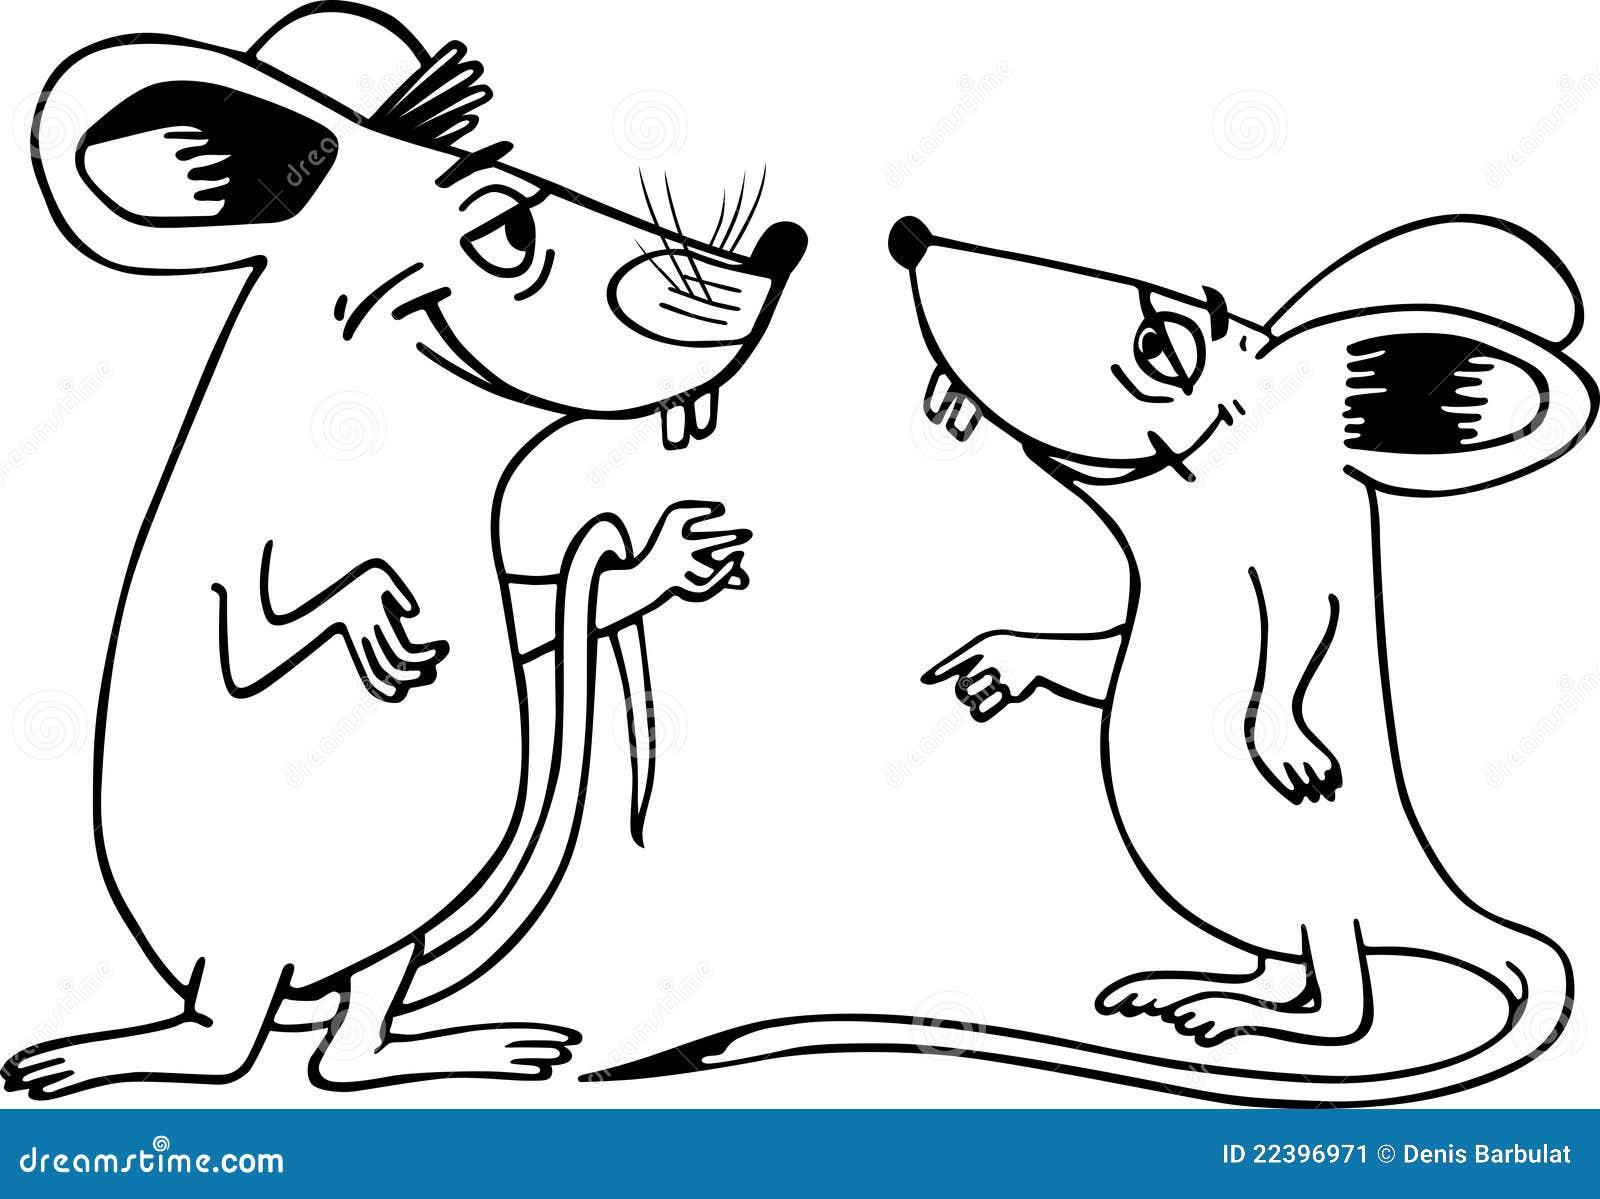 Смешные крысы картинки распечатать